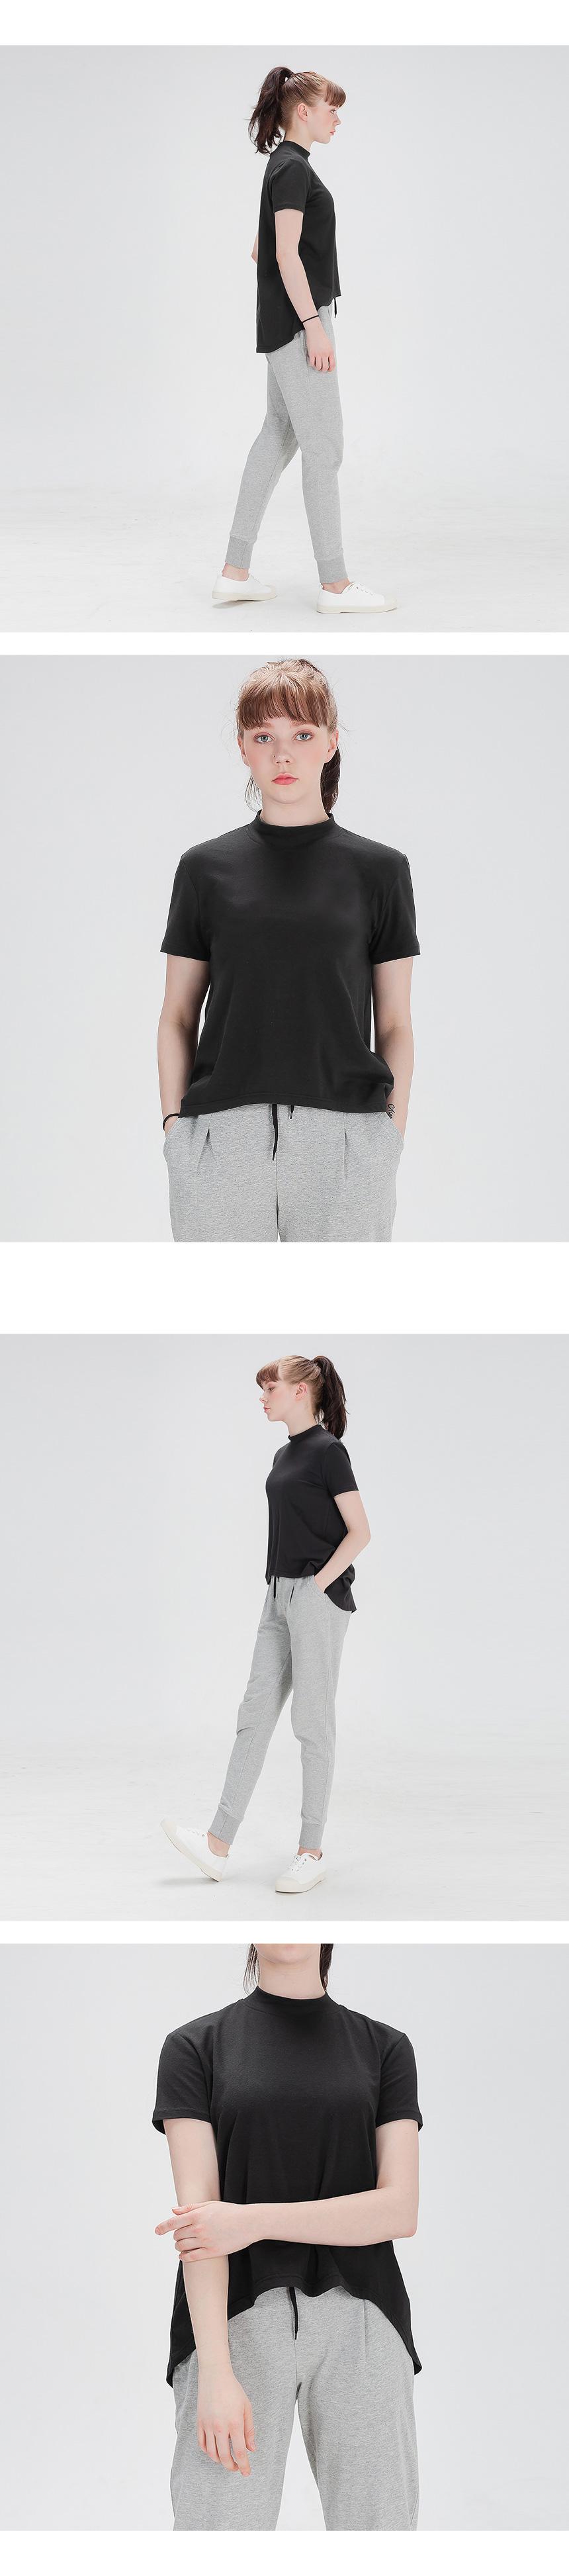 에이라인 반목폴라 반팔 티셔츠 블랙 - 뒤란, 35,000원, 여성 트레이닝, 상의